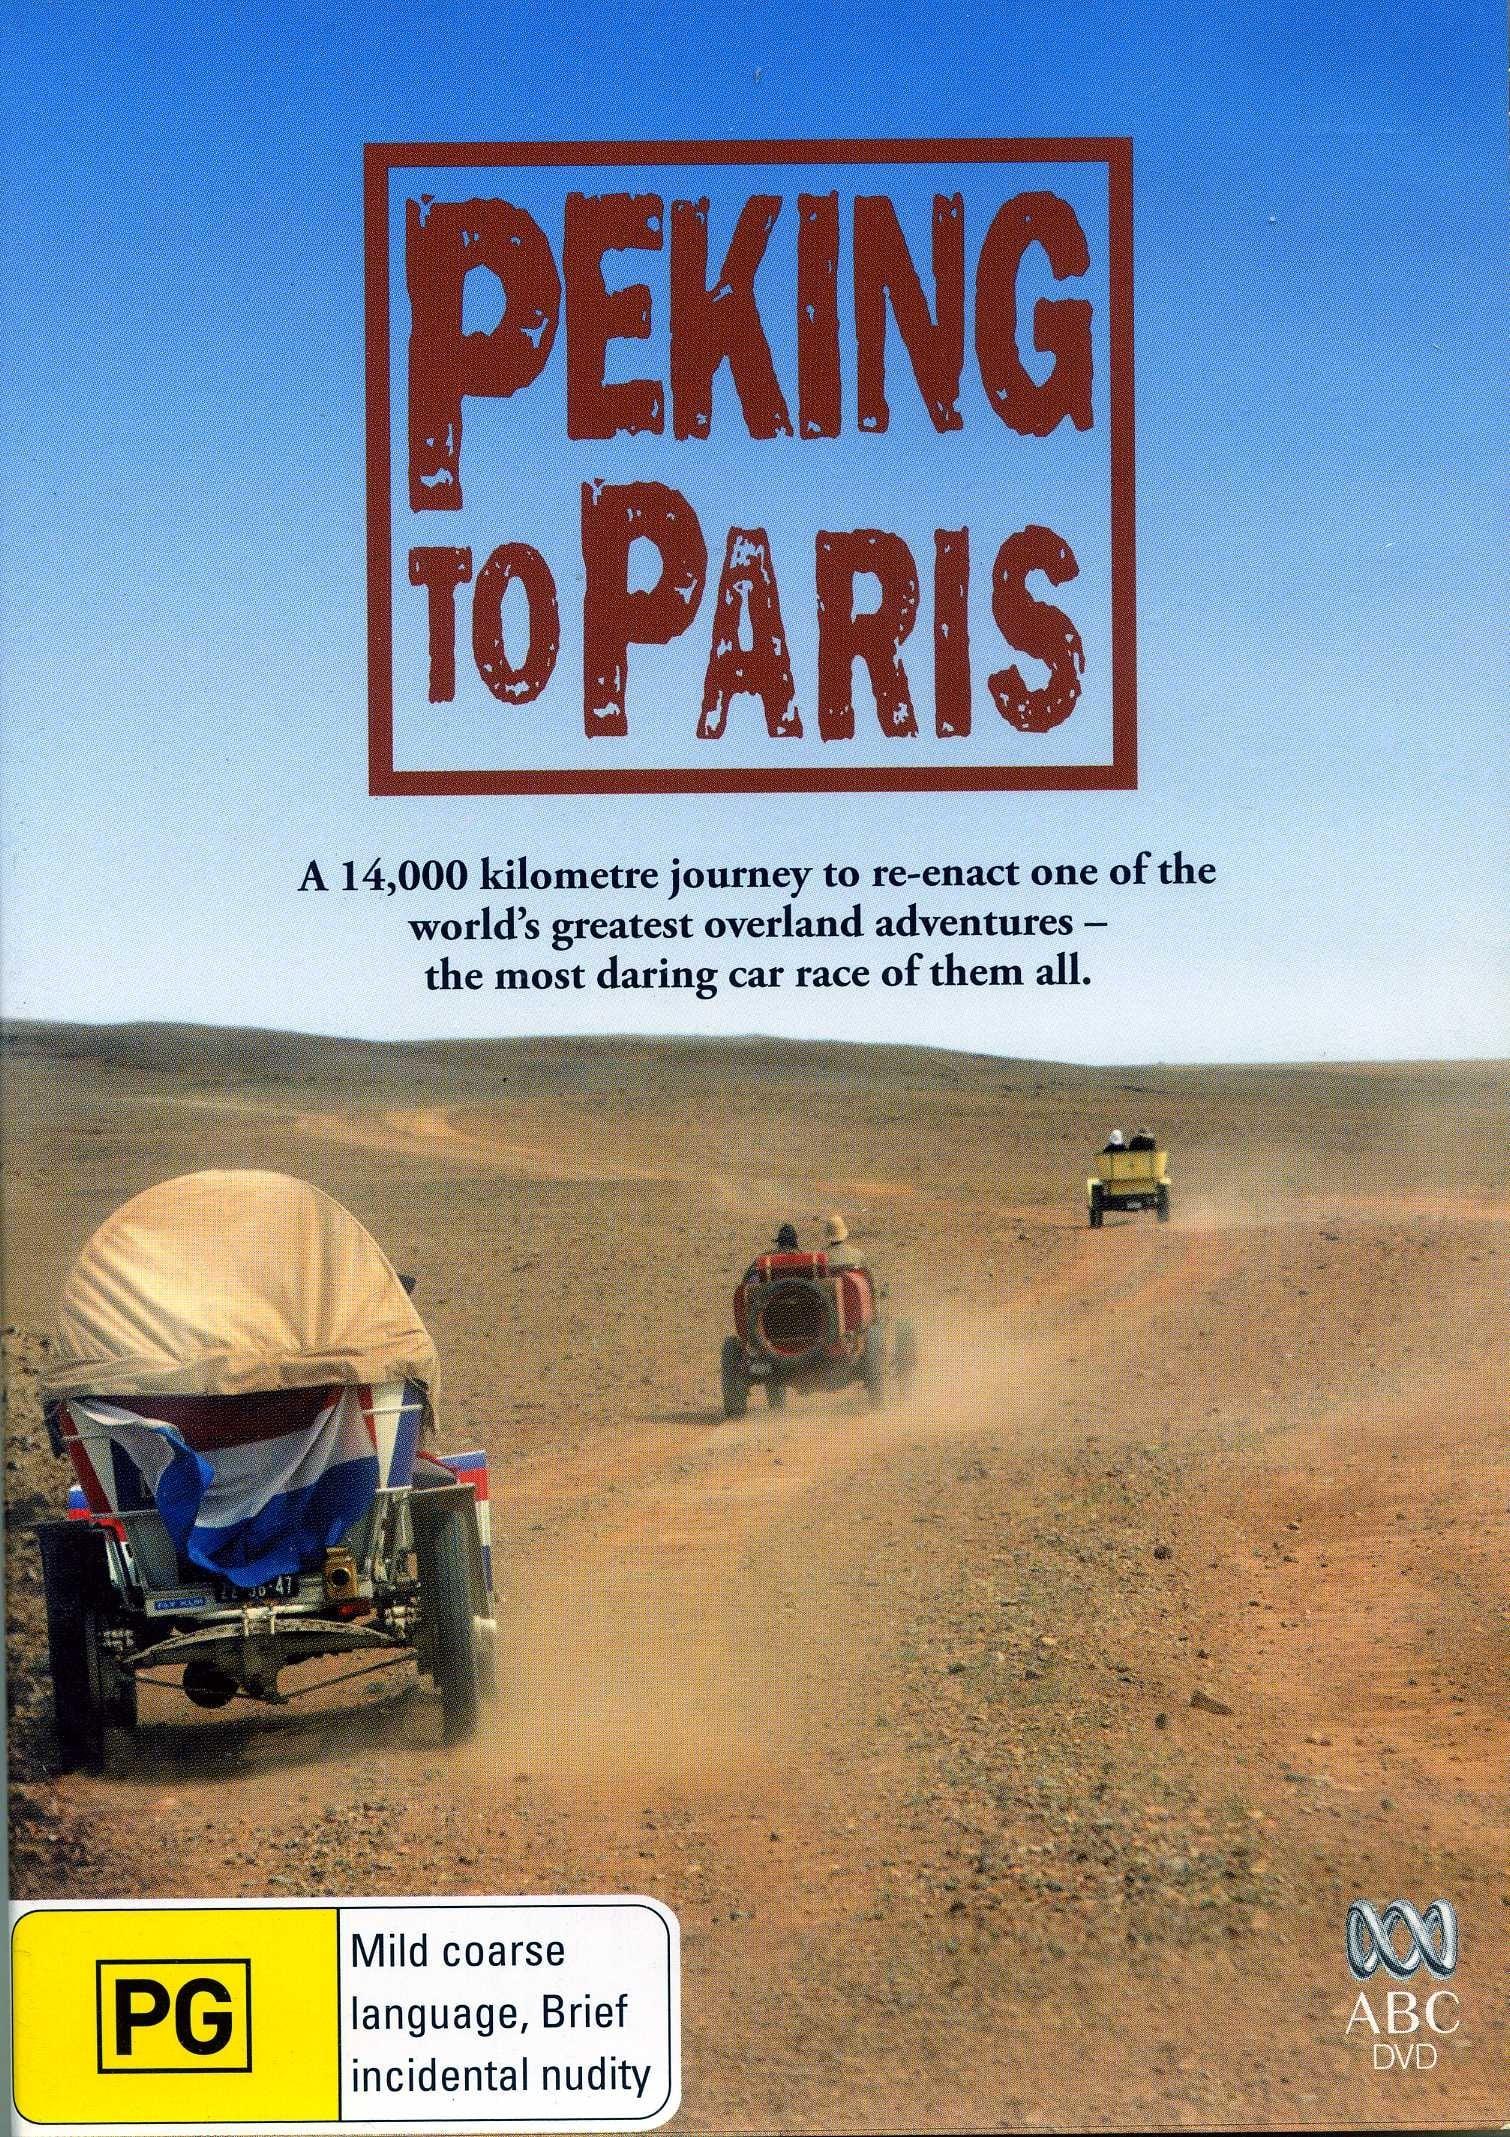 Peking To Paris 2006 (1970)